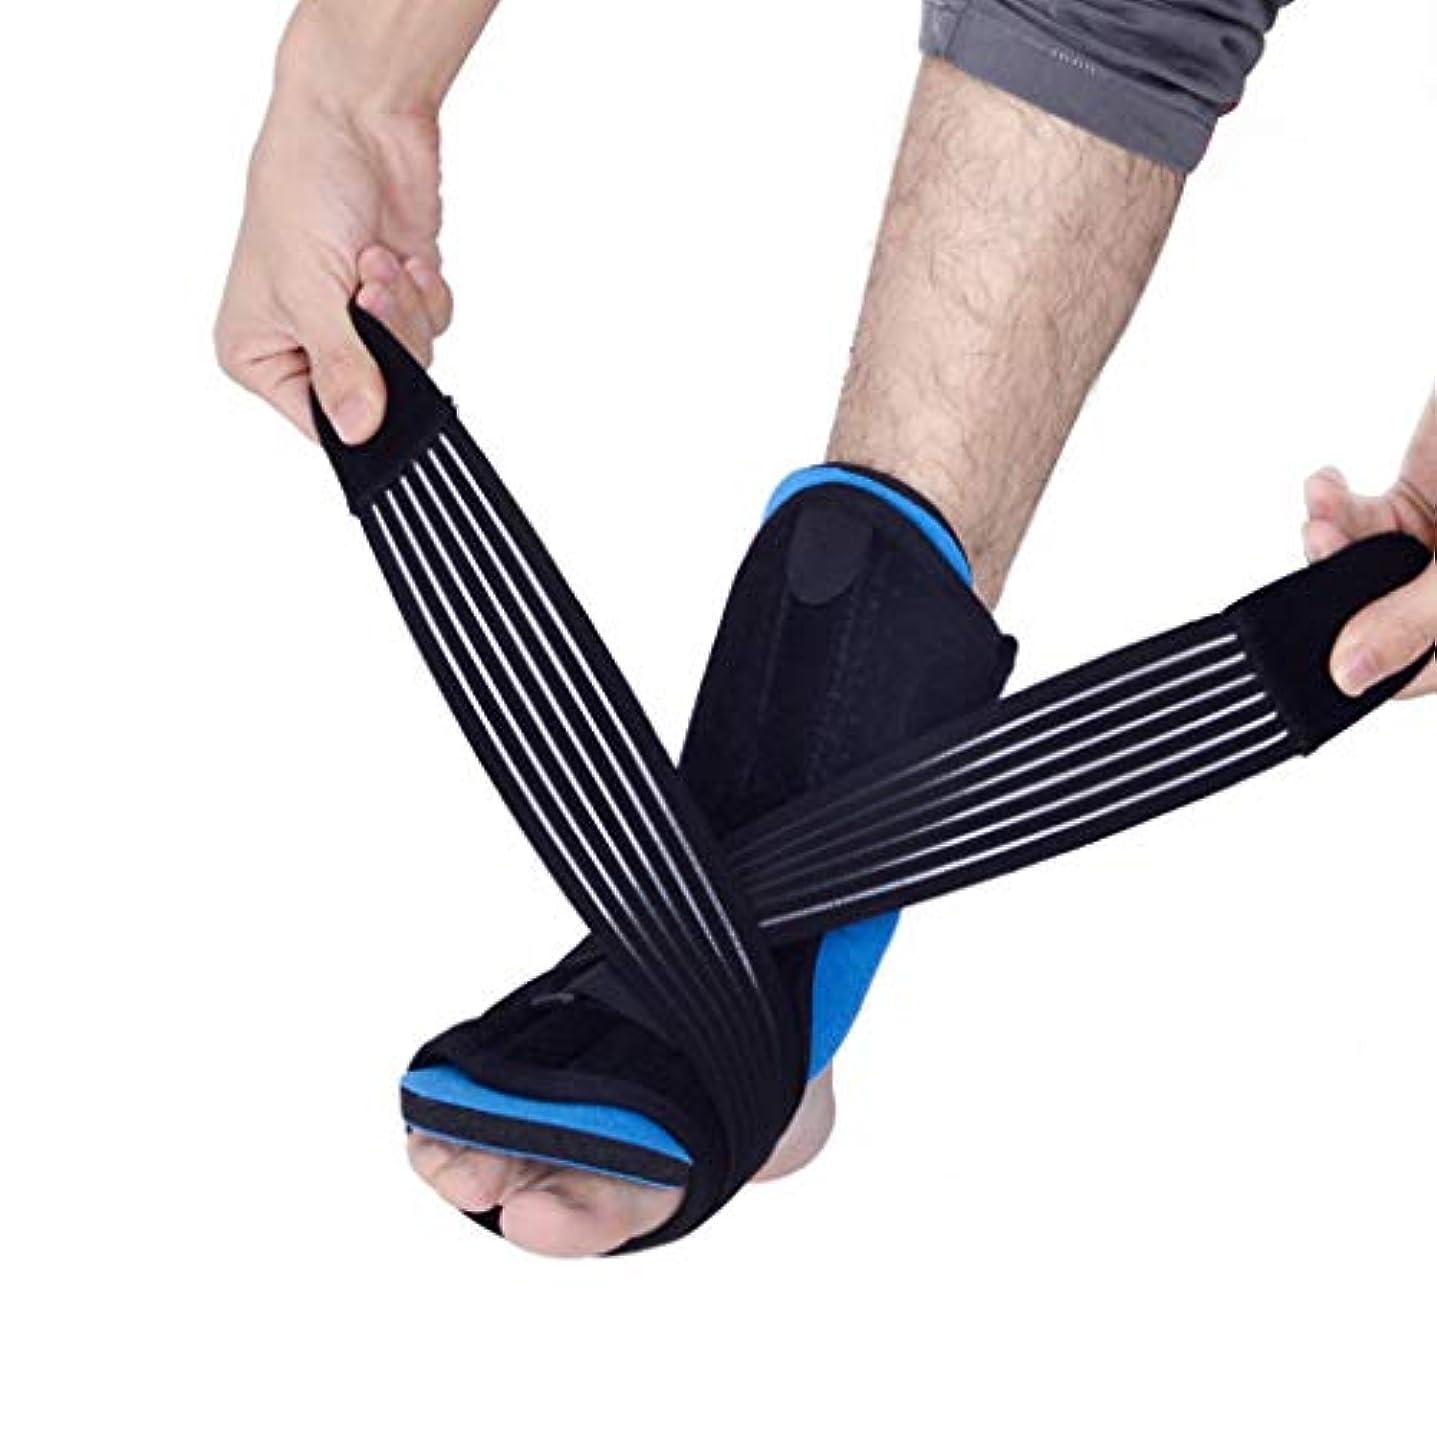 どこにも会議豊富に足首サポーター 足用サポート アンクルサポーター スポーツサポーター テーピングサポーター 足首保護 捻挫防止 関節?靭帯? 筋肉保護 通気性抜